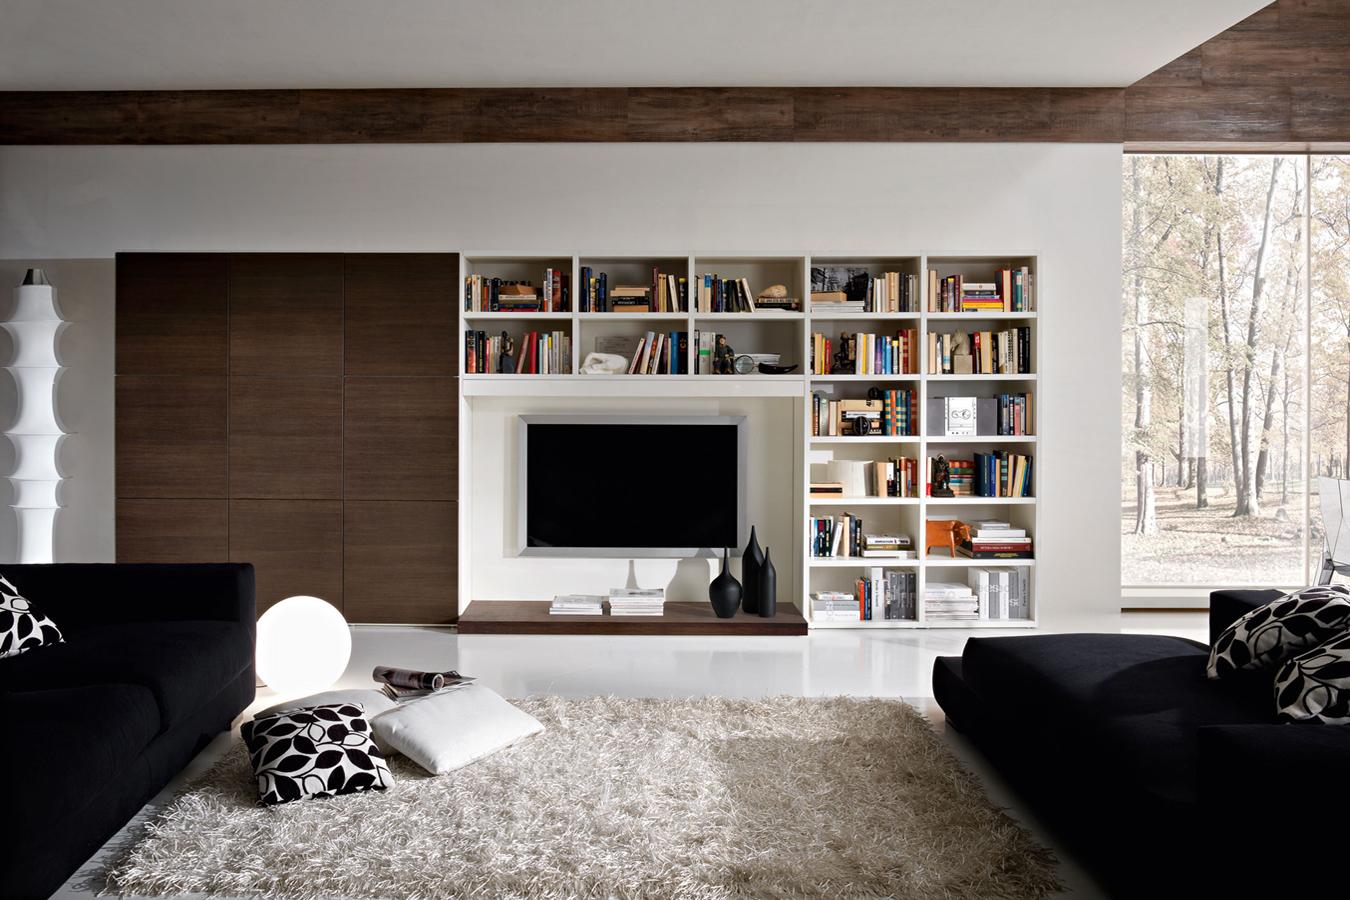 Kiko arredamenti parete soggiorno e libreria righetti for Arredamenti vercelli